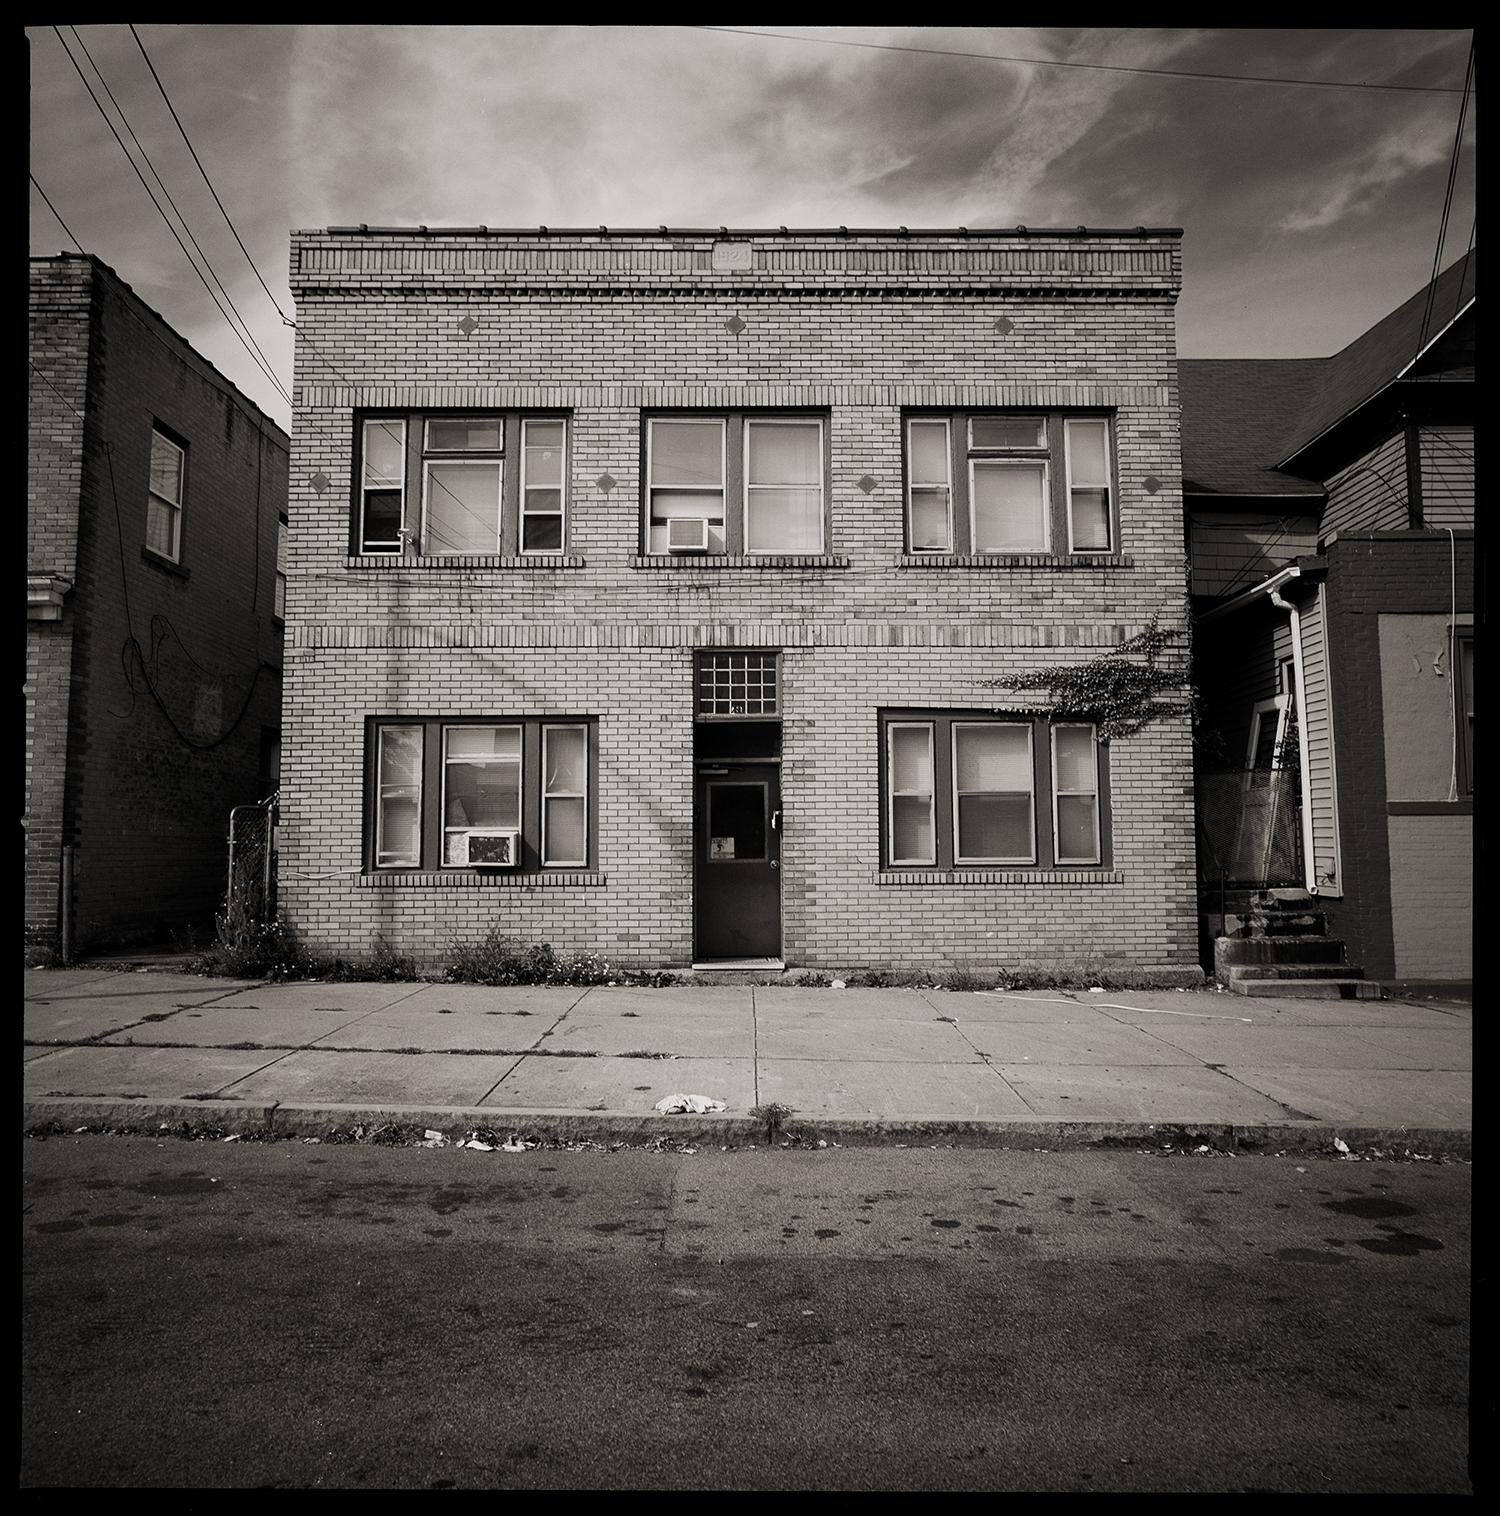 Smith Street, Rocheter, NY